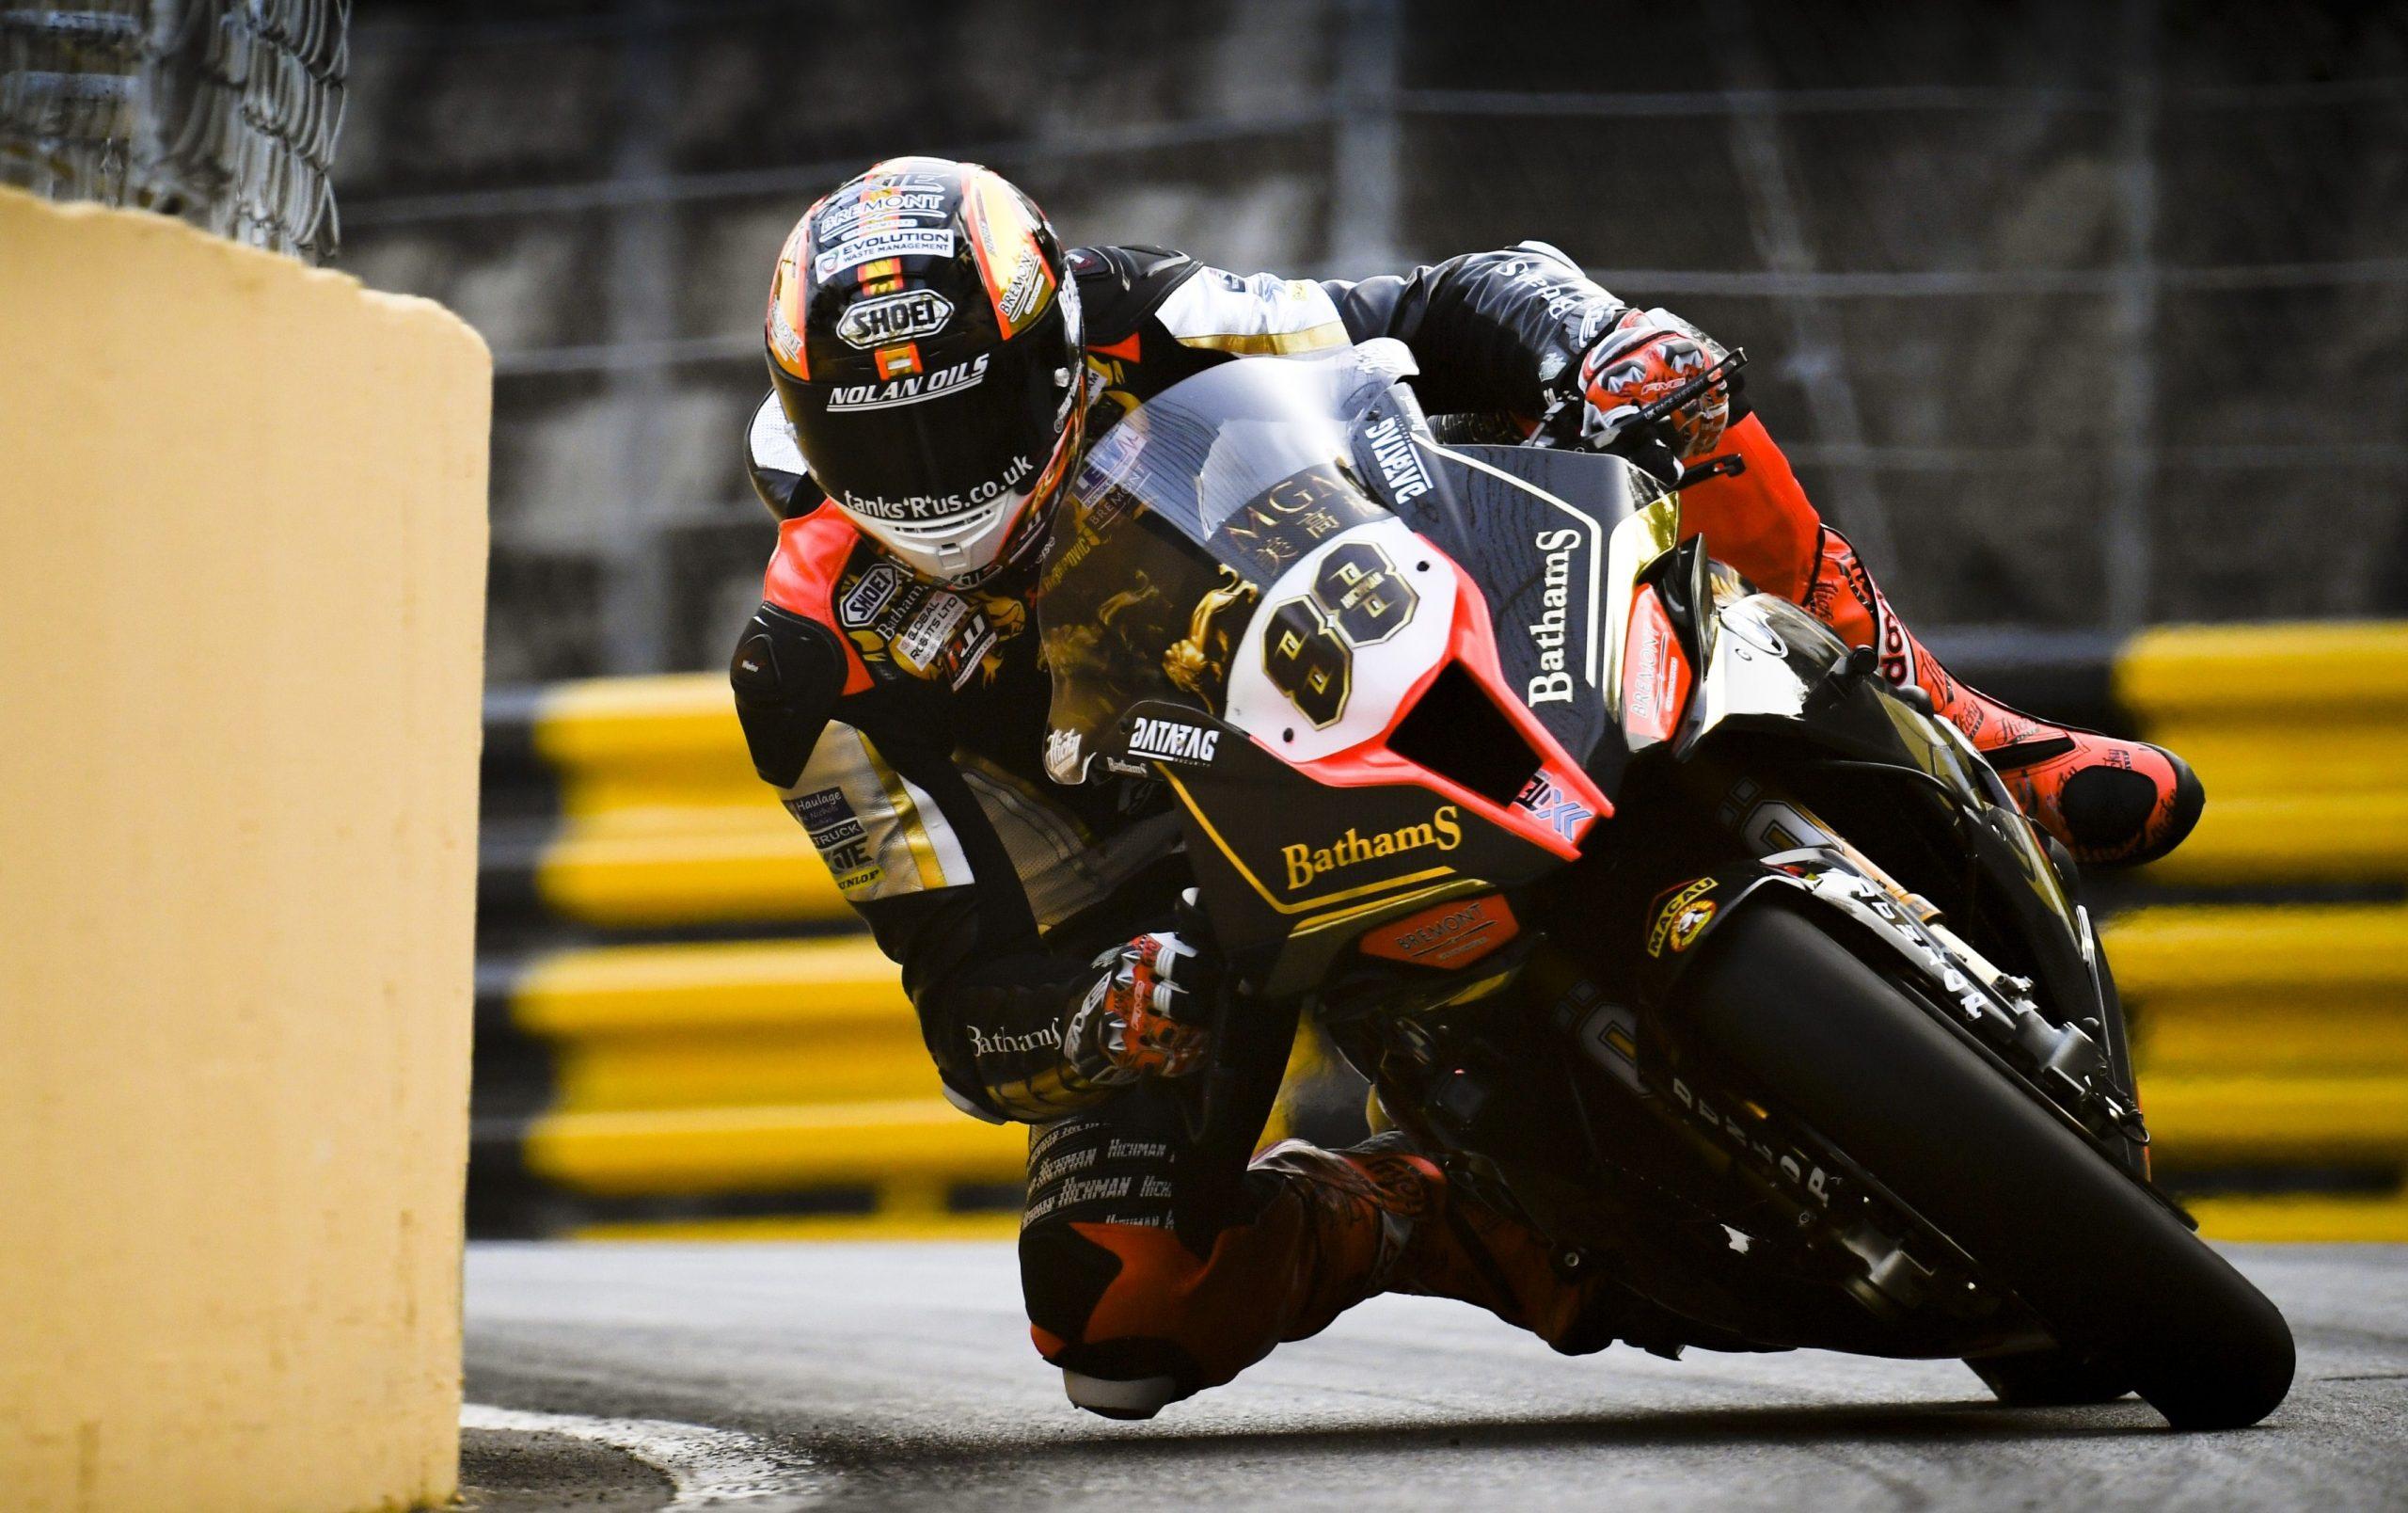 Peter Hickman dominates yet again at Macau GP